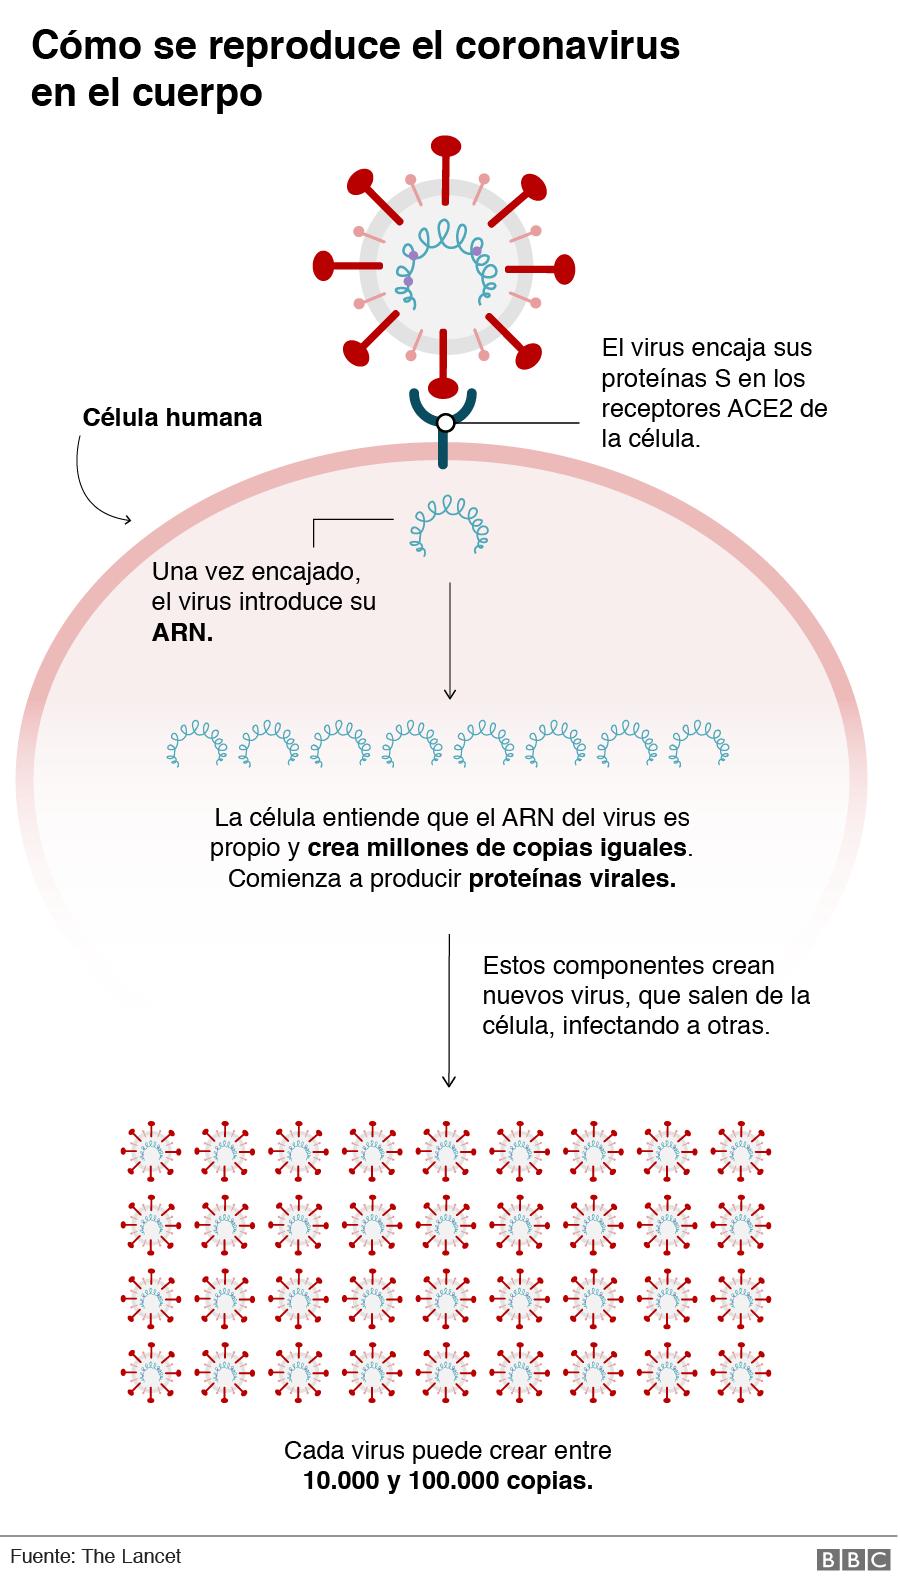 Cómo se reproduce el coronavirus en el cuerpo.